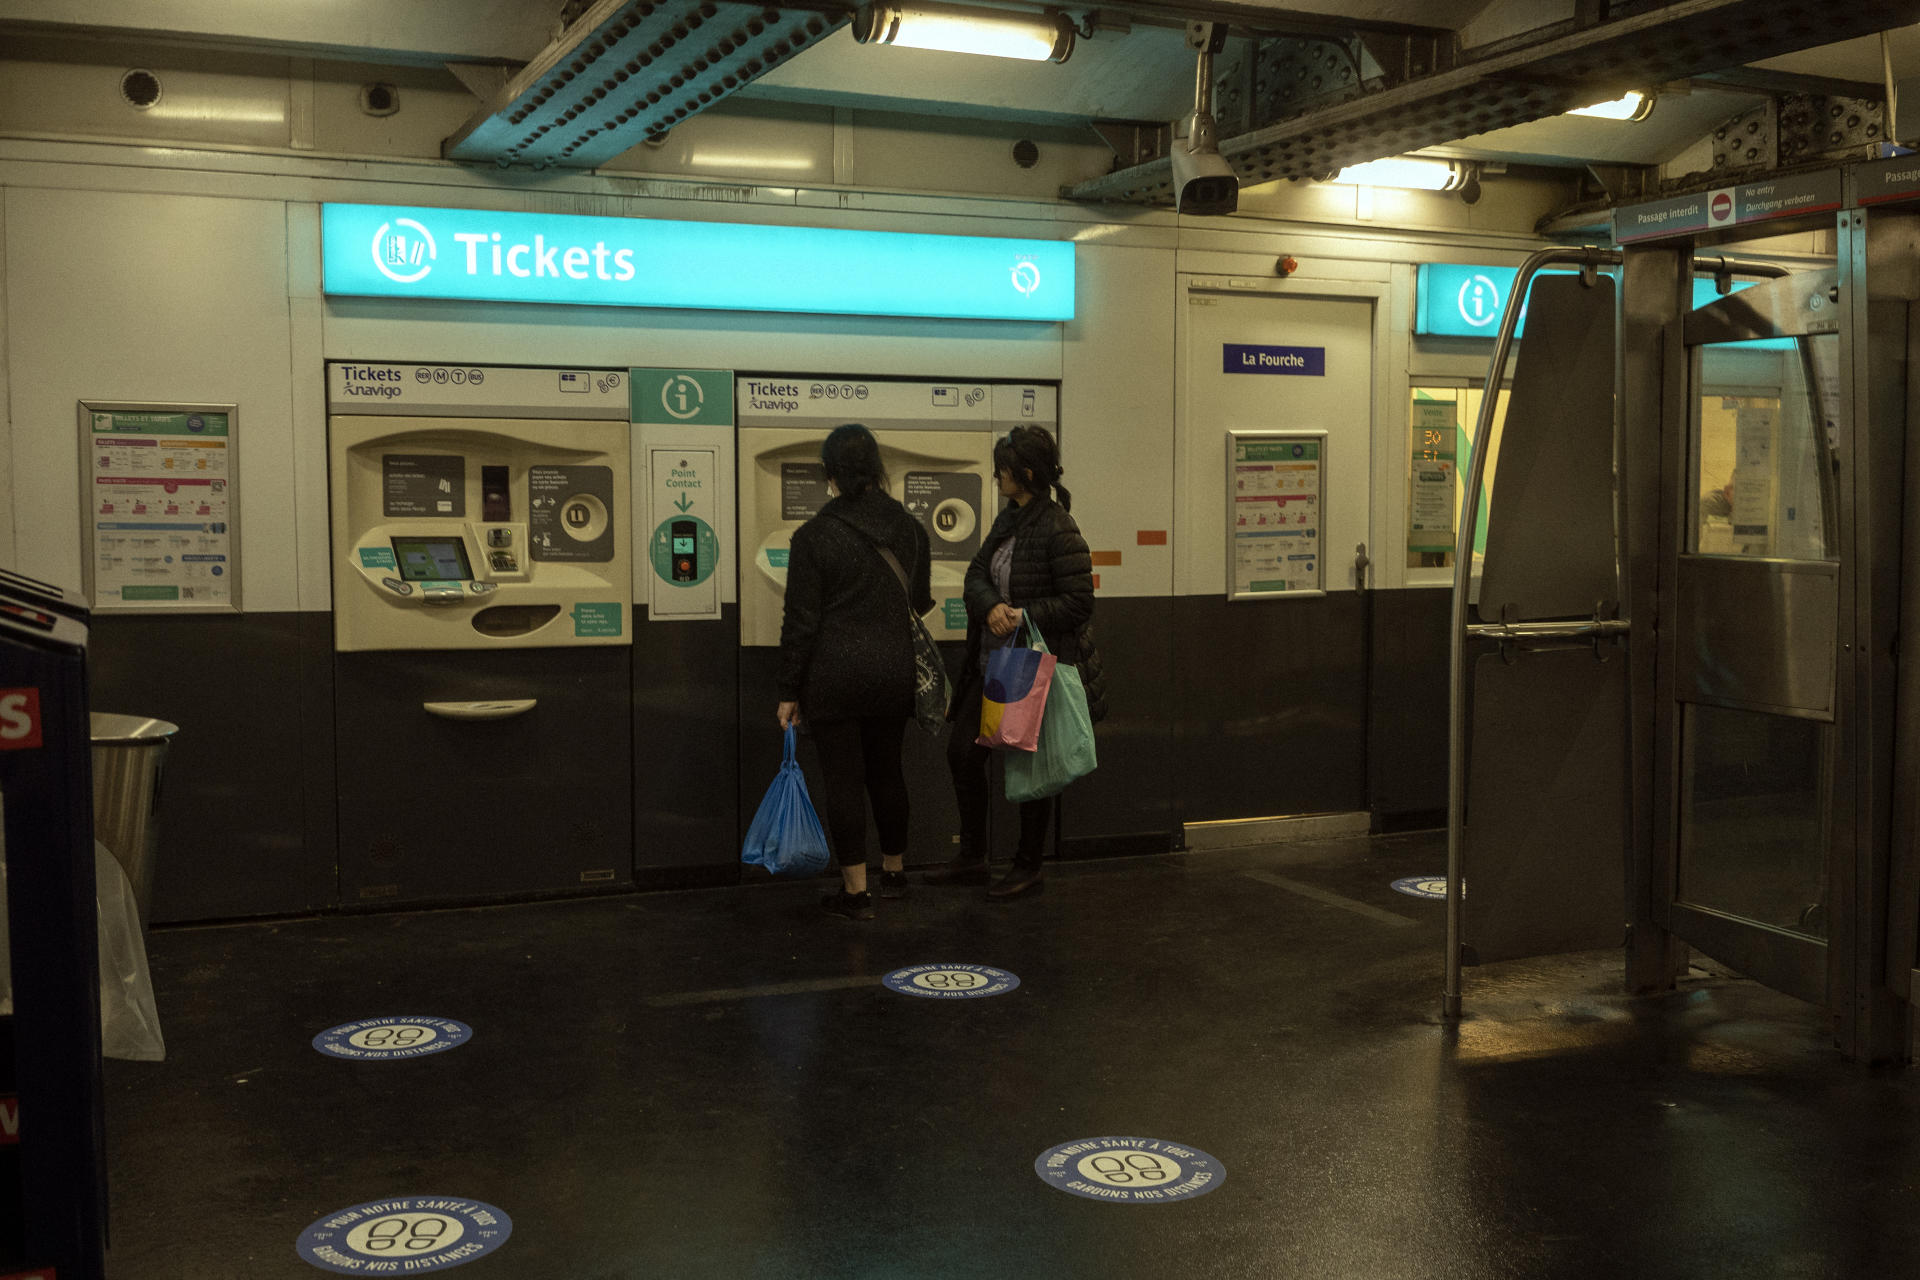 A l'entrée de la station La Fourche à Paris, le 6 mai. Des autocollants signalétiques sont placés au sol pour indiquer les mesures de distanciation sociale.